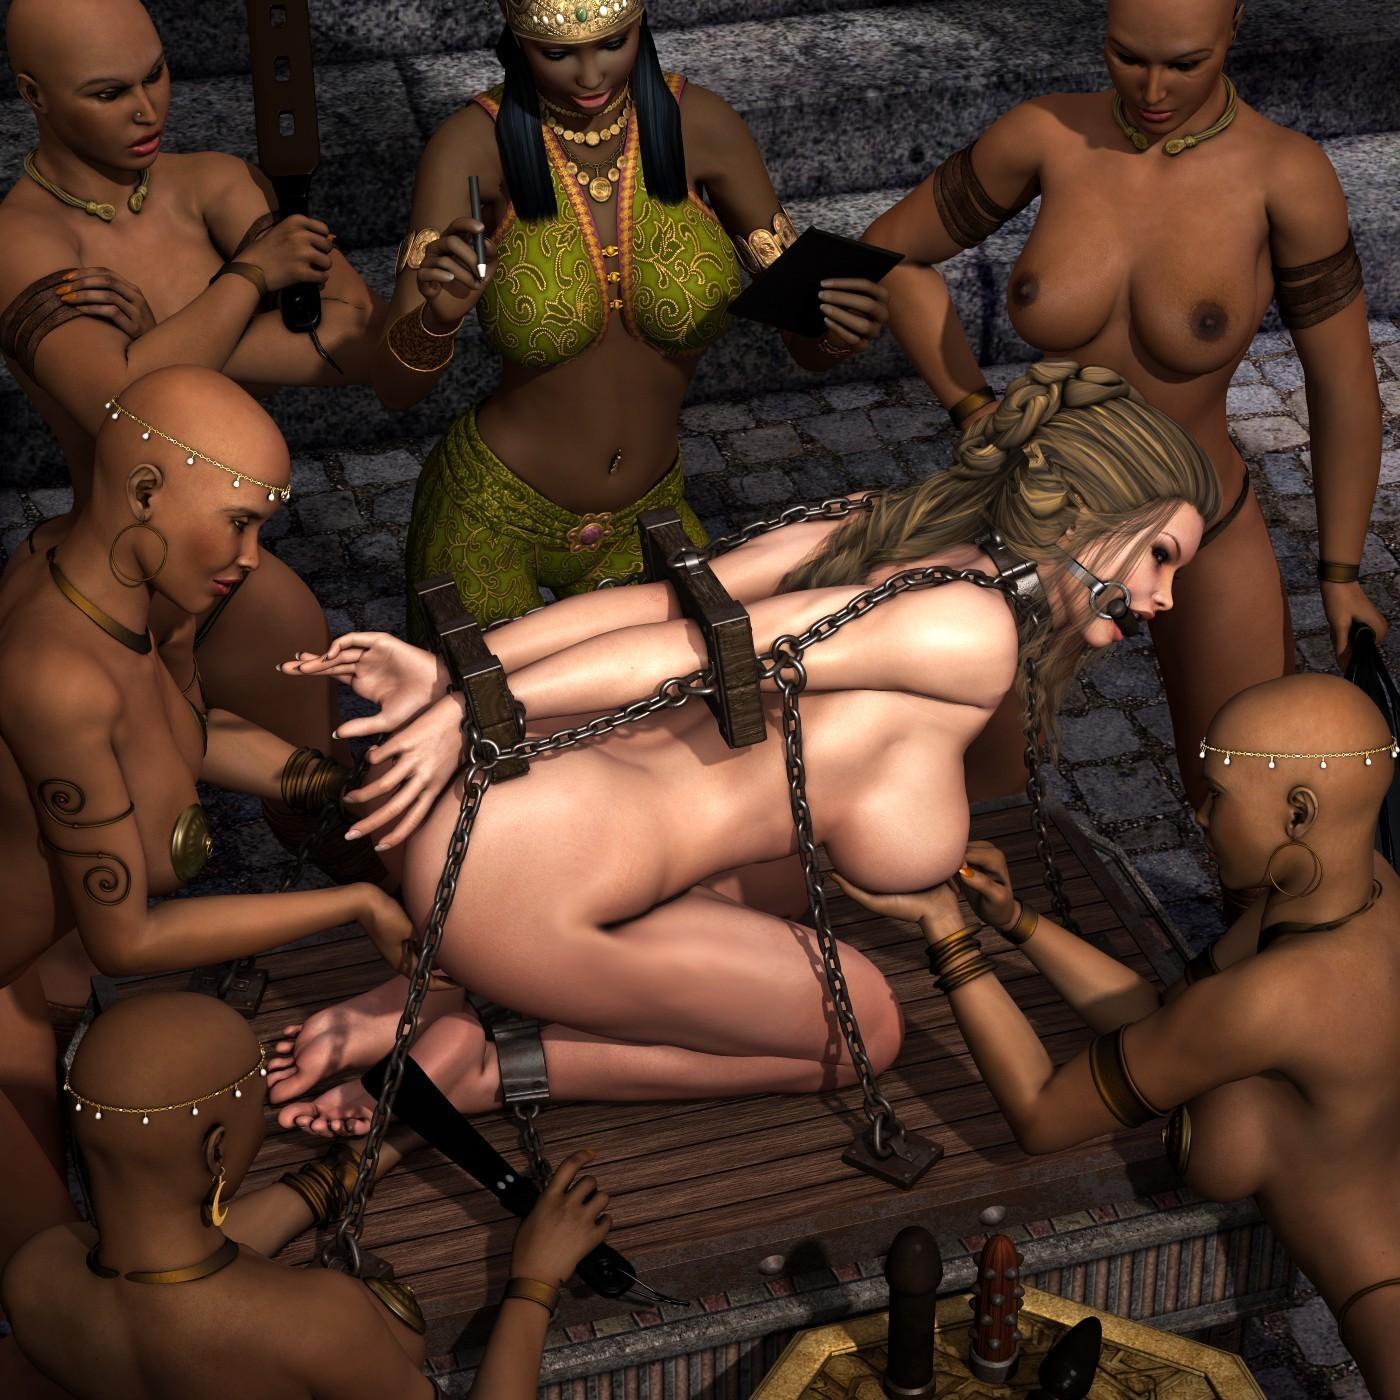 спивак- порно сексуальная рабства эти голые красотки